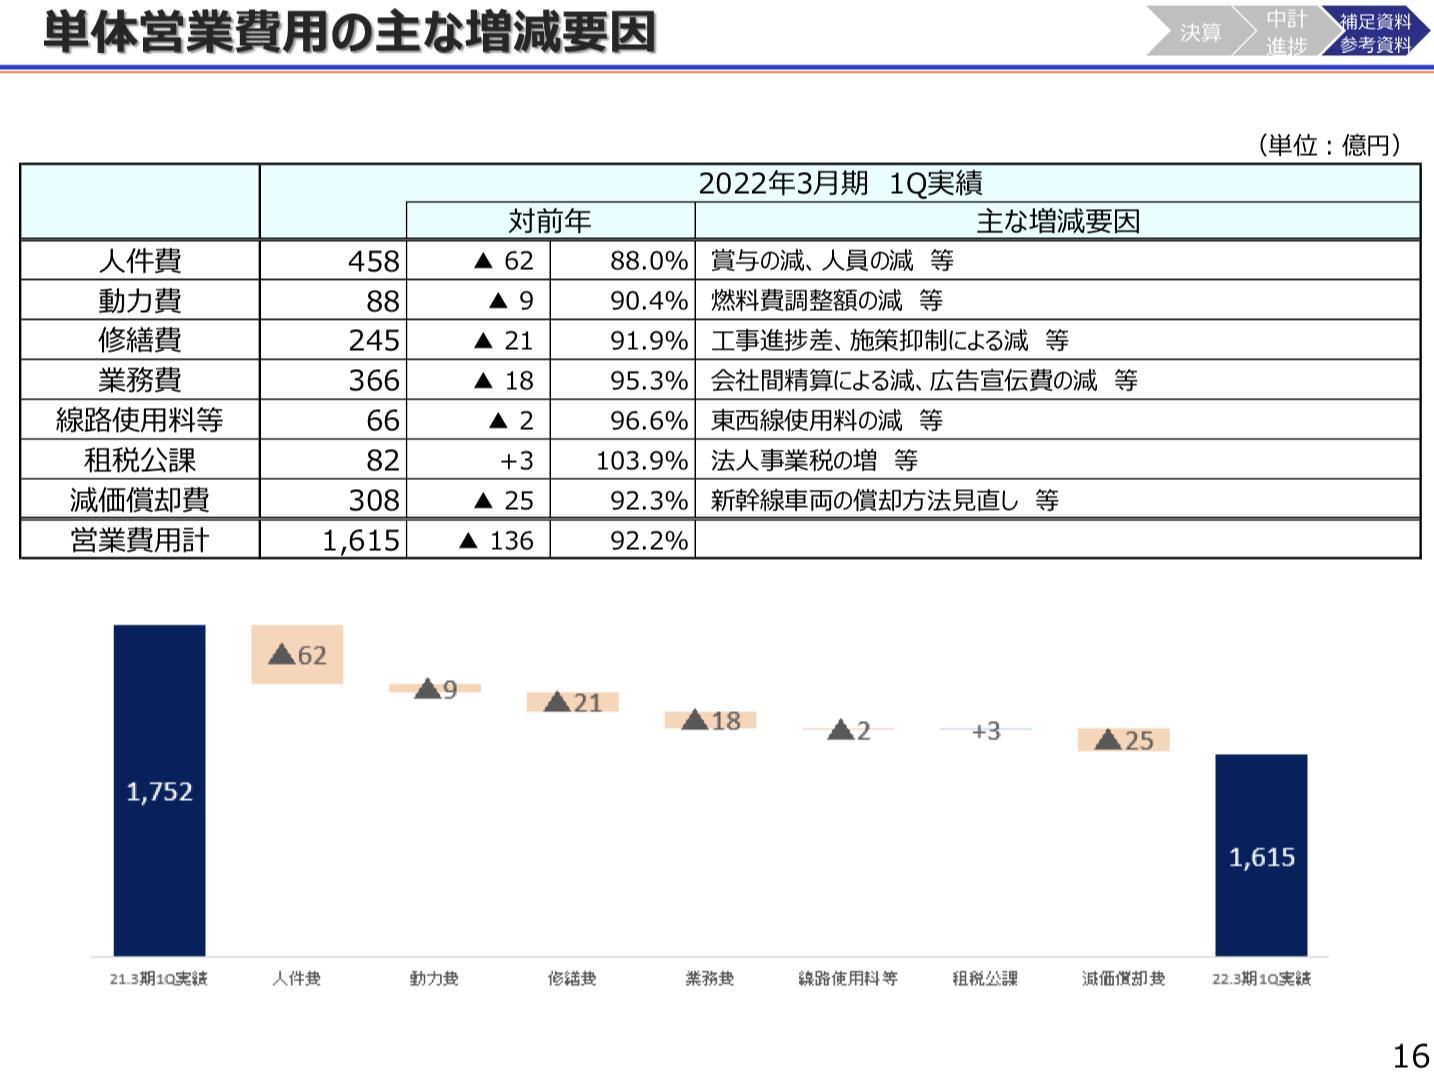 西日本旅客鉄道(JR西) 2021年度1Q決算を徹底解説! さとり世代の株日記 資産運用 株 投資 資産形成 株式投資